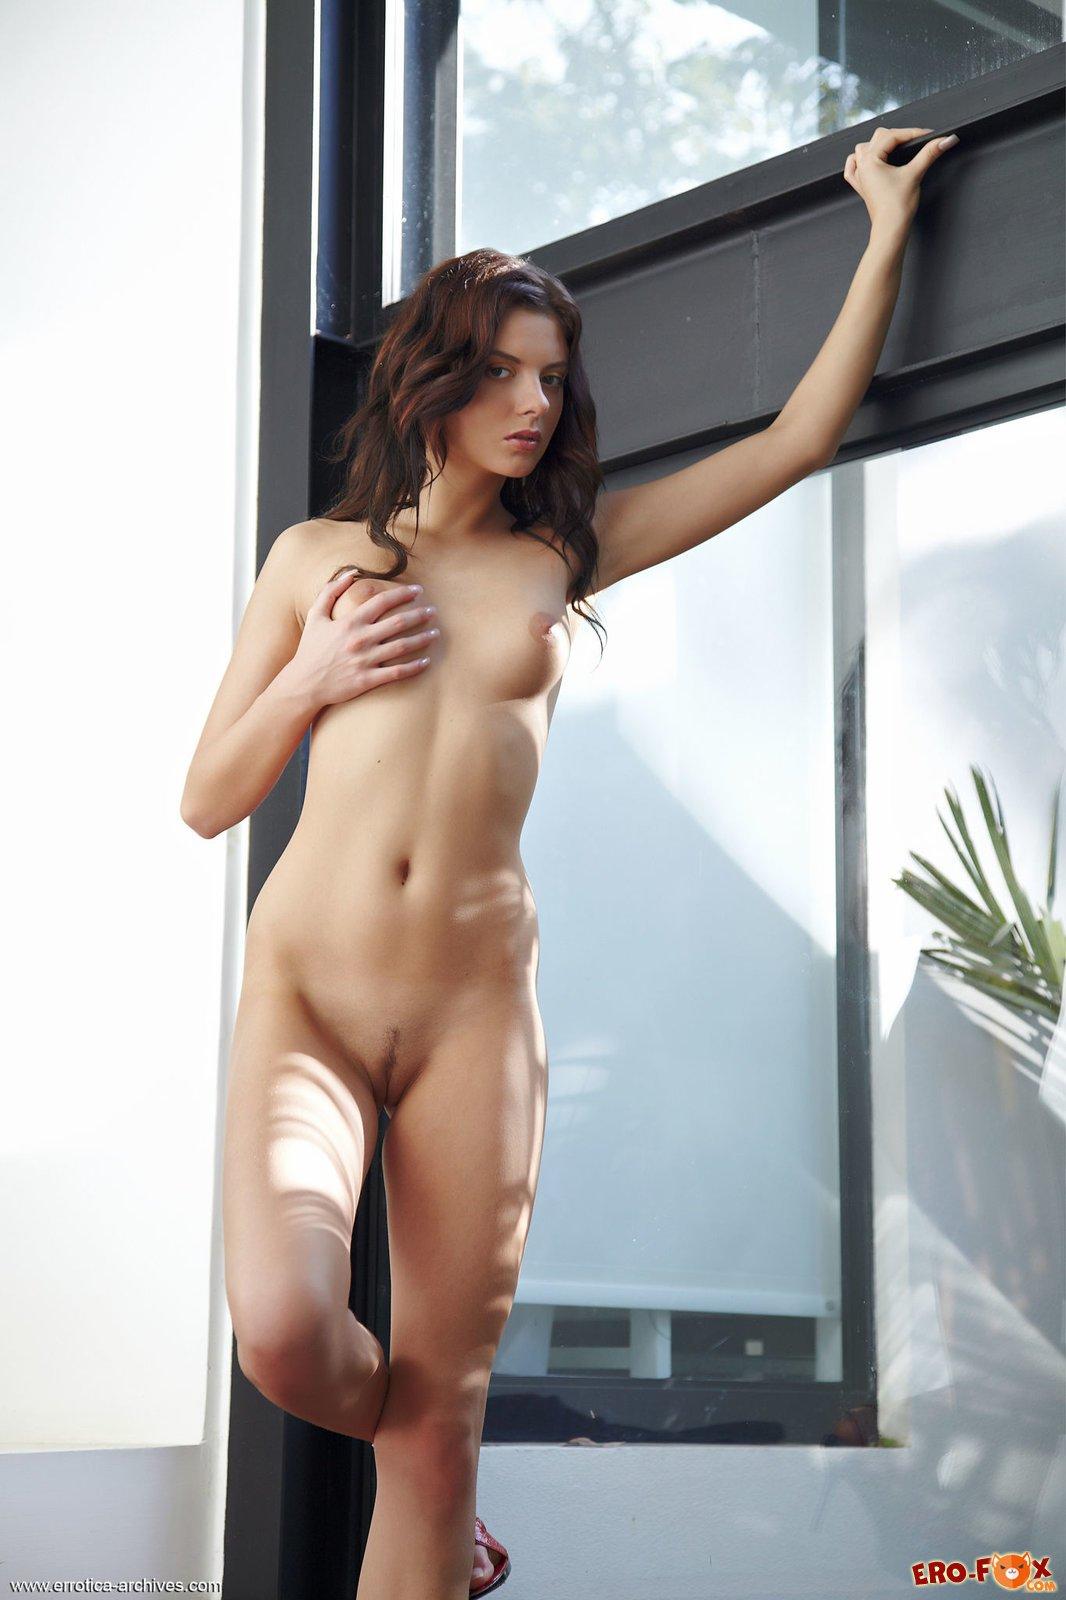 Голая девушка в босоножках